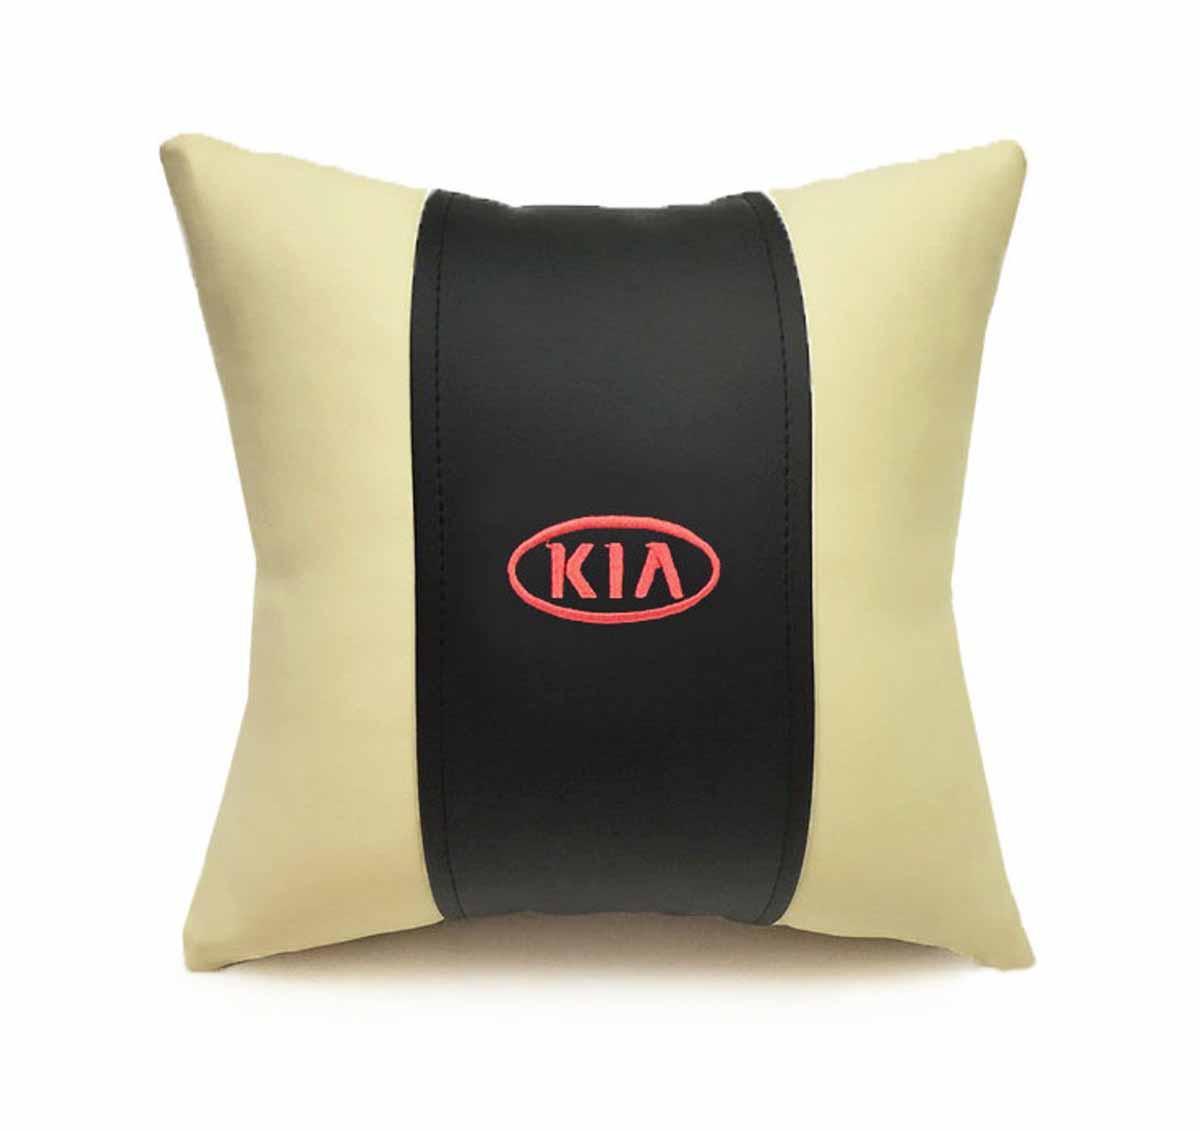 Подушка декоративная Auto premium Kia, цвет: черный, бежевый37054Подушка в машину с вышивкой автологотипа Auto Premium Kia - отличное дополнение для салона вашего авто. Мягкая подушка, изготовленная из матовой экокожи, будет удобна пассажиру. Она долго не перестанет радовать вас своим видом. Оптимальный размер подушки (30 х 30 см) не загромождает салон автомобиля.